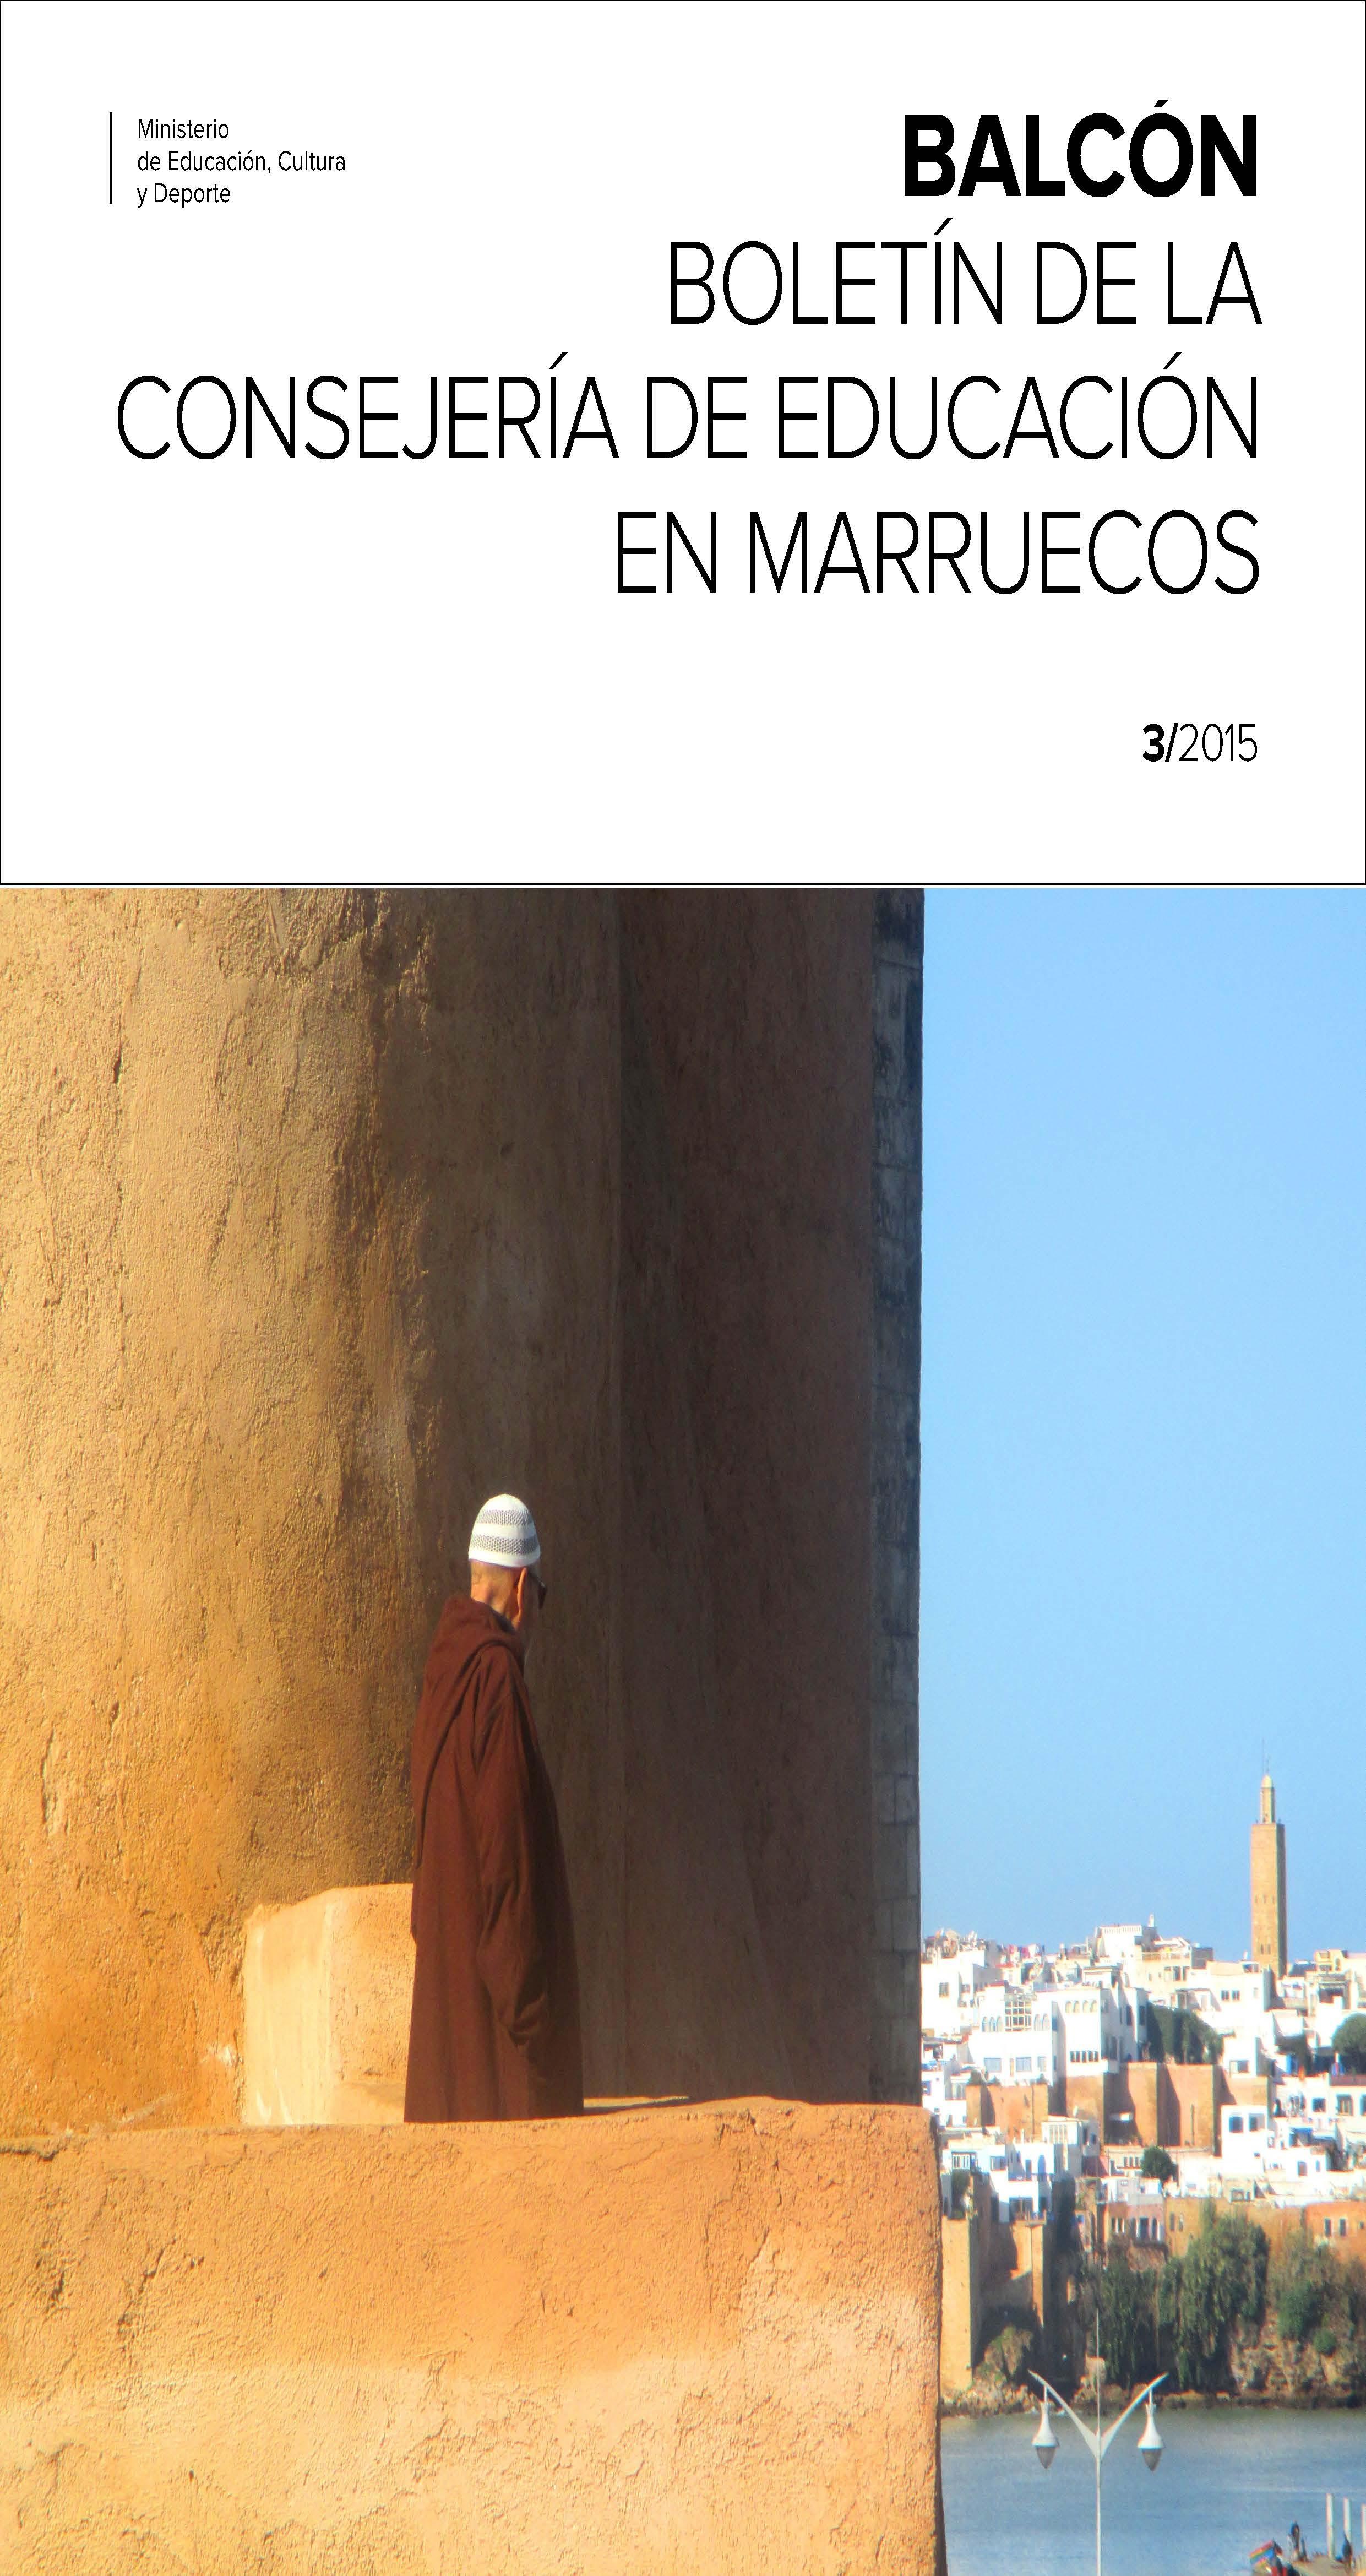 Balc n n 3 bolet n de la consejer a de educaci n en for Educacion exterior marruecos